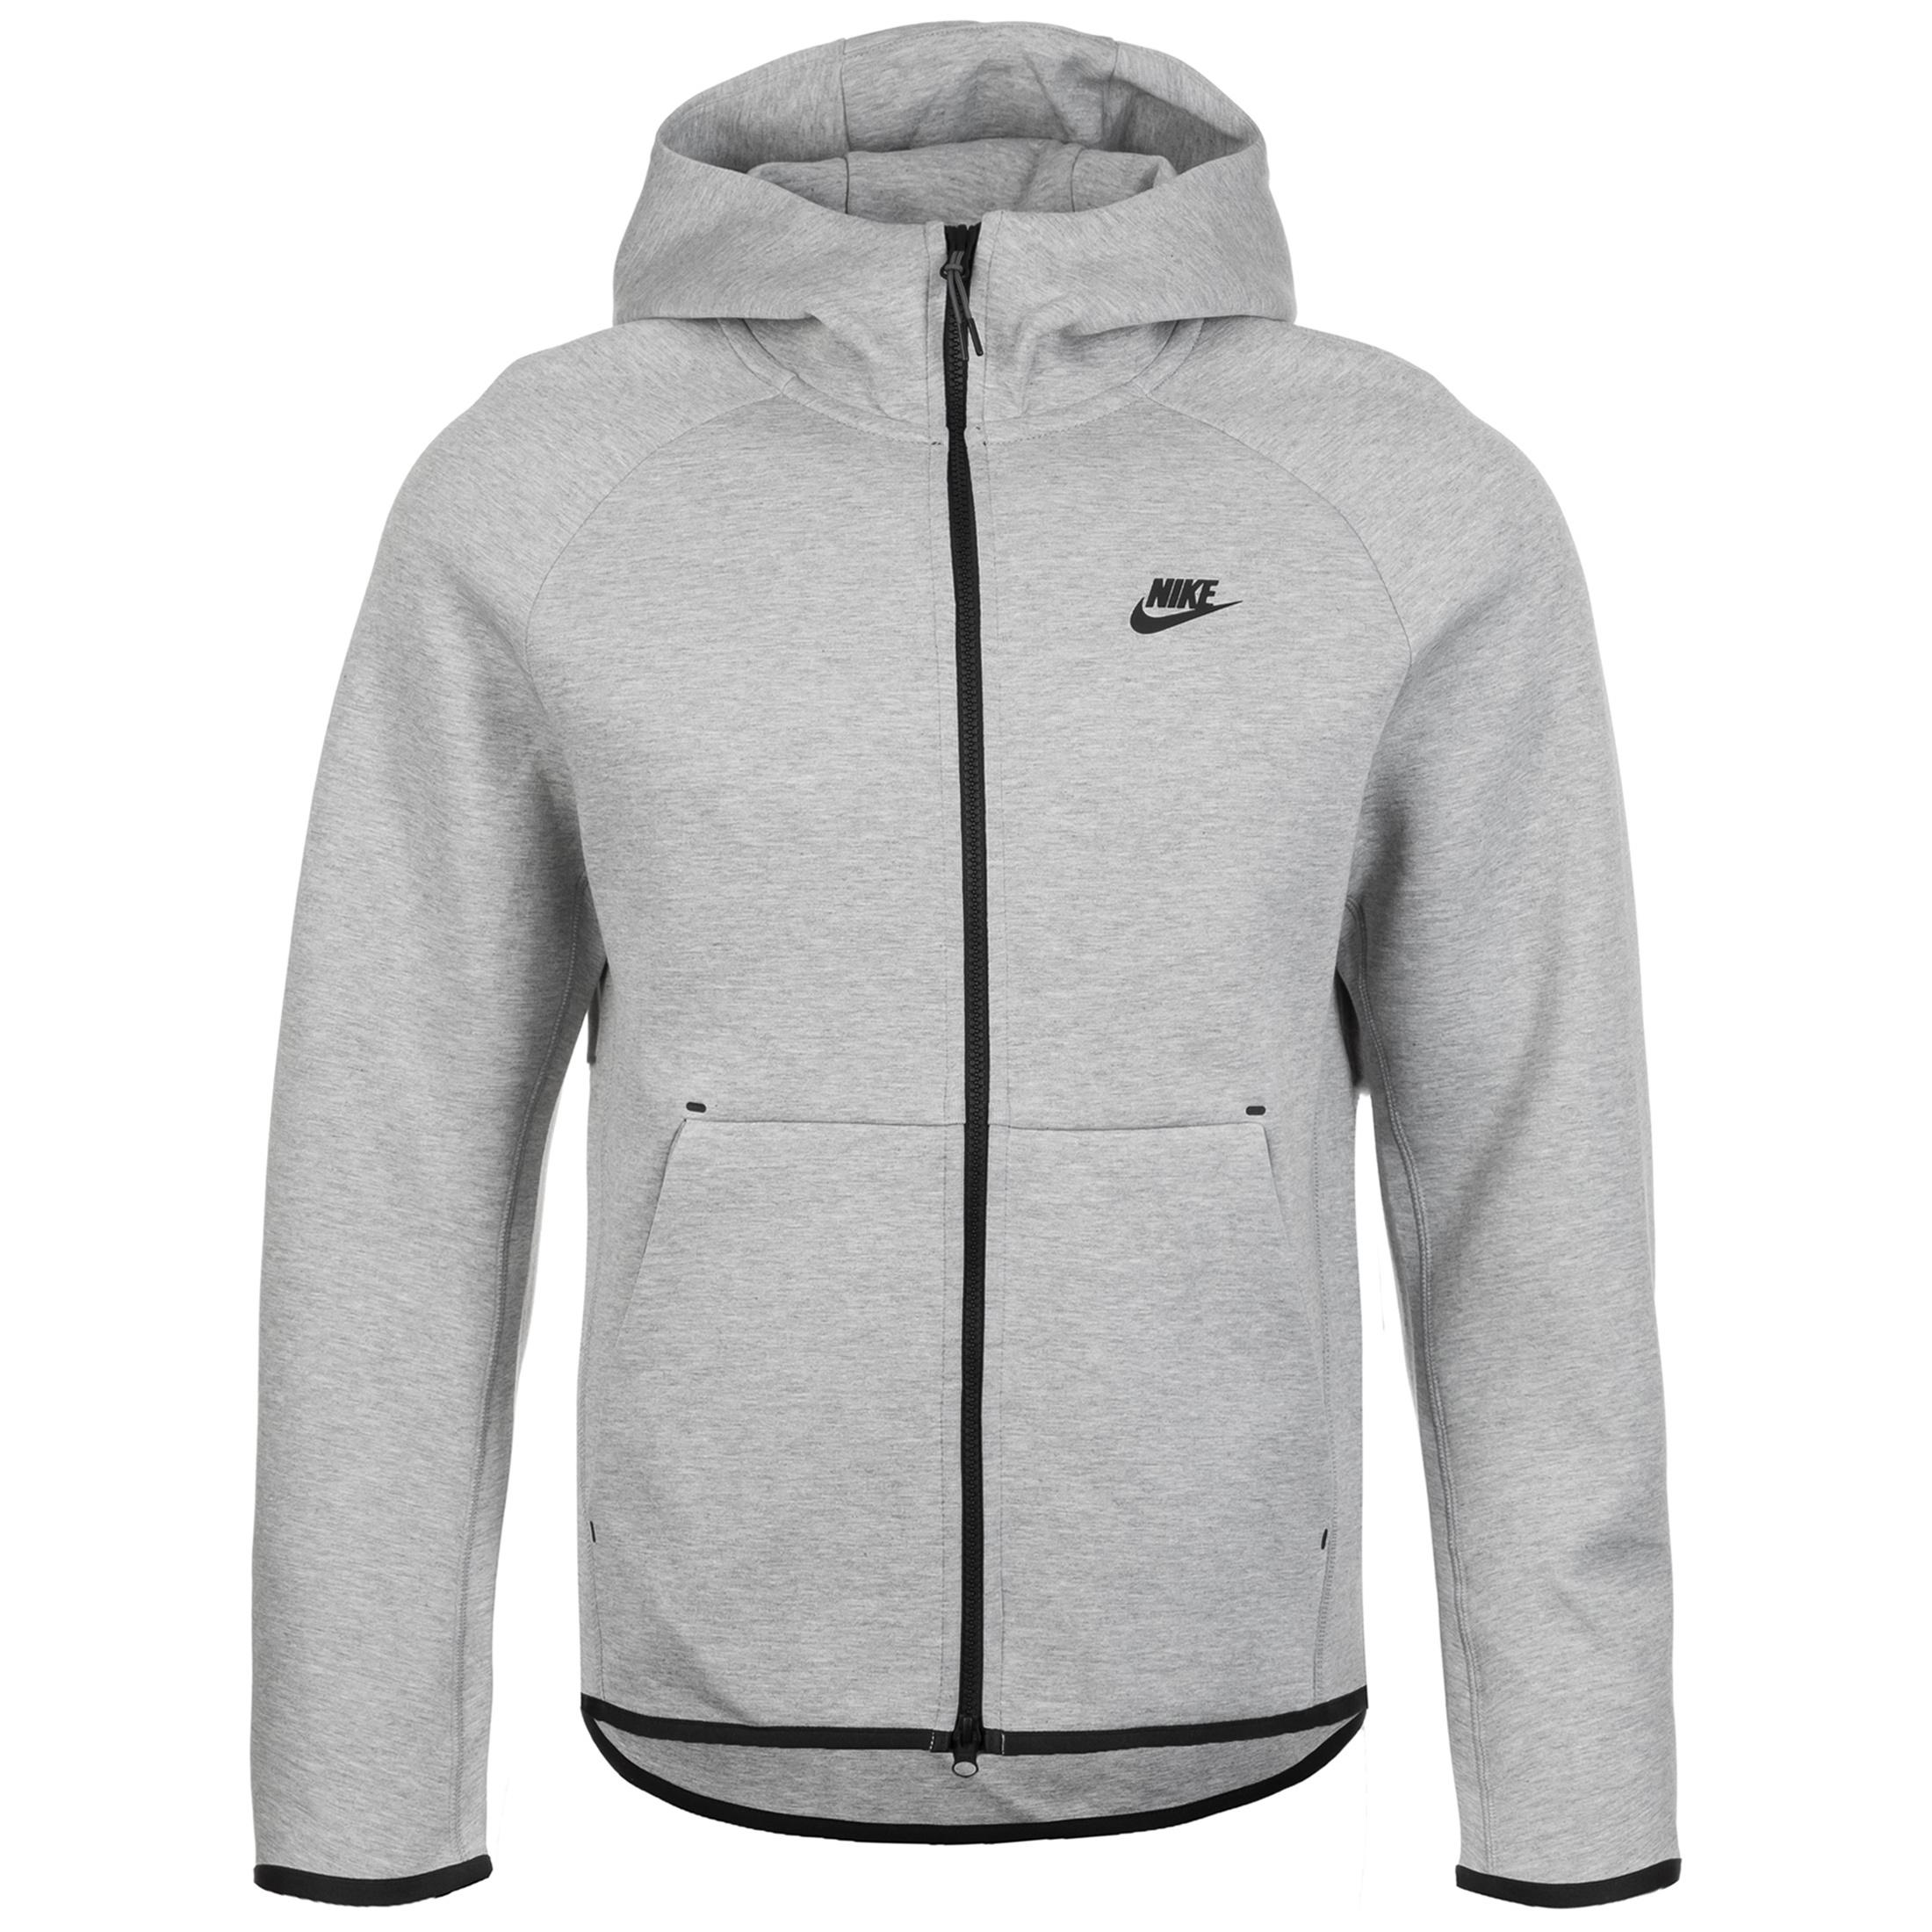 642bba0186418 Rabatt-Preisvergleich.de - Nike Sportswear Nike Tech Fleece ...